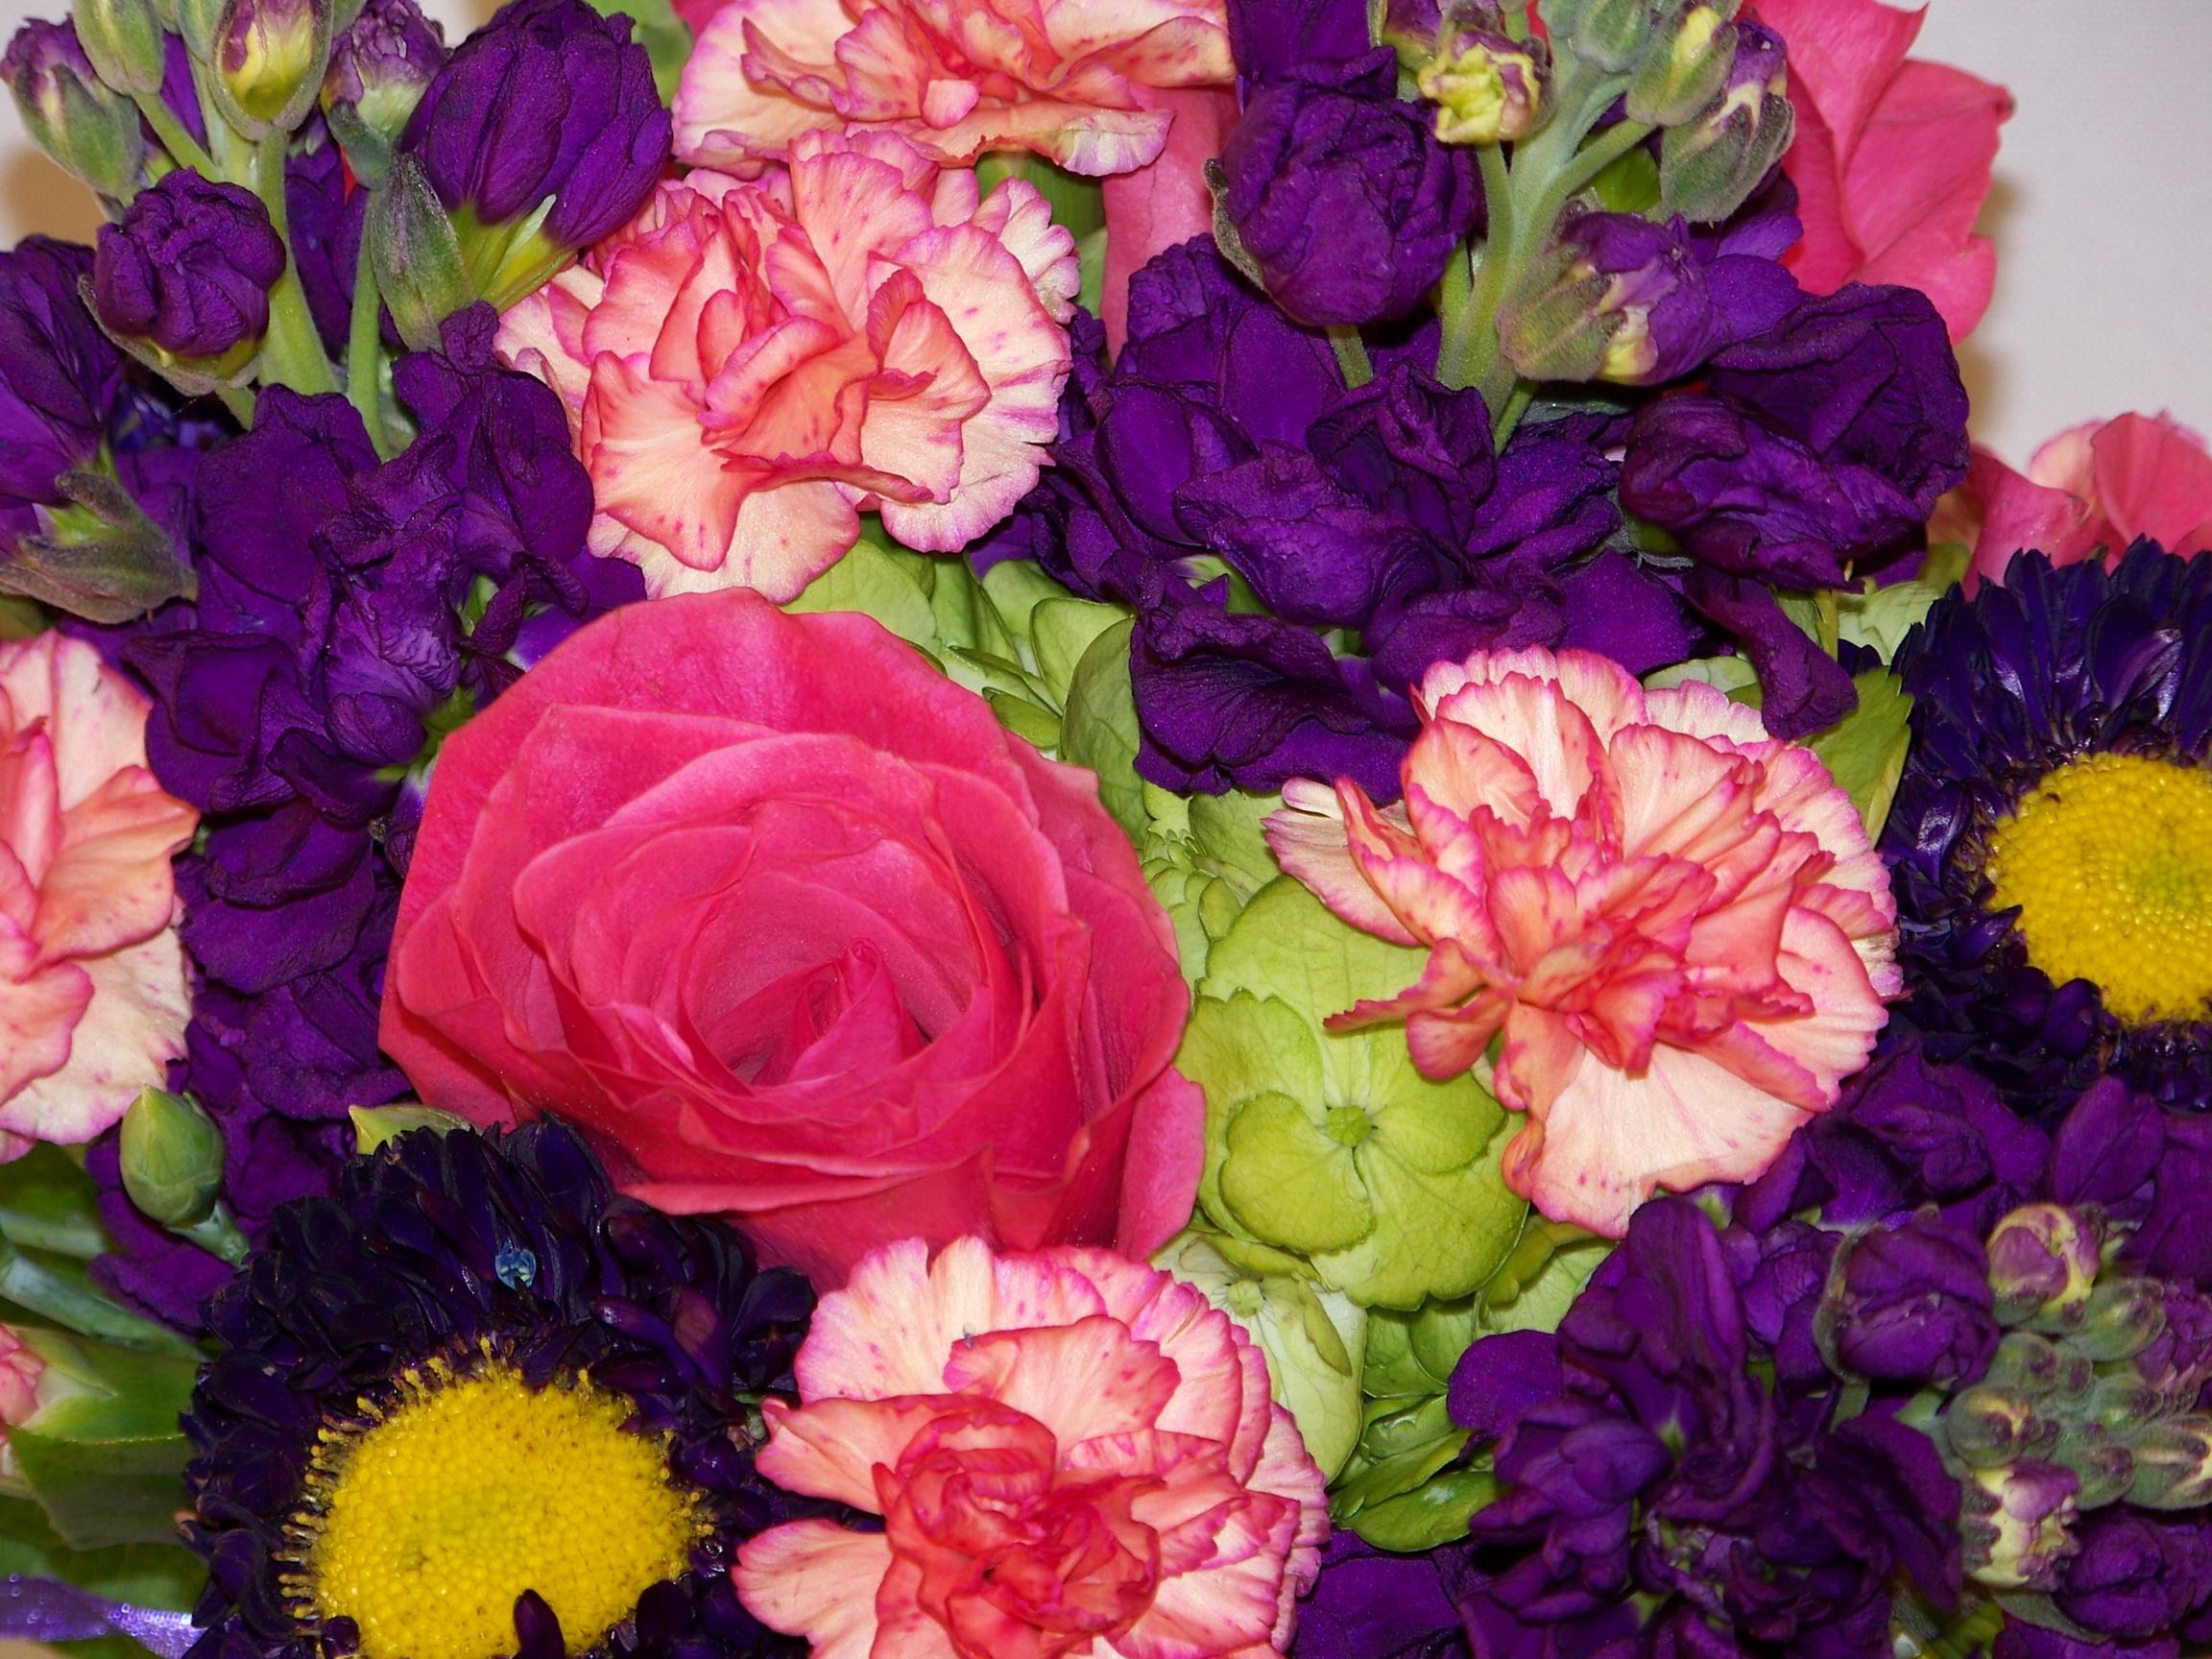 107578 скачать обои Цветы, Гвоздики, Букет - заставки и картинки бесплатно